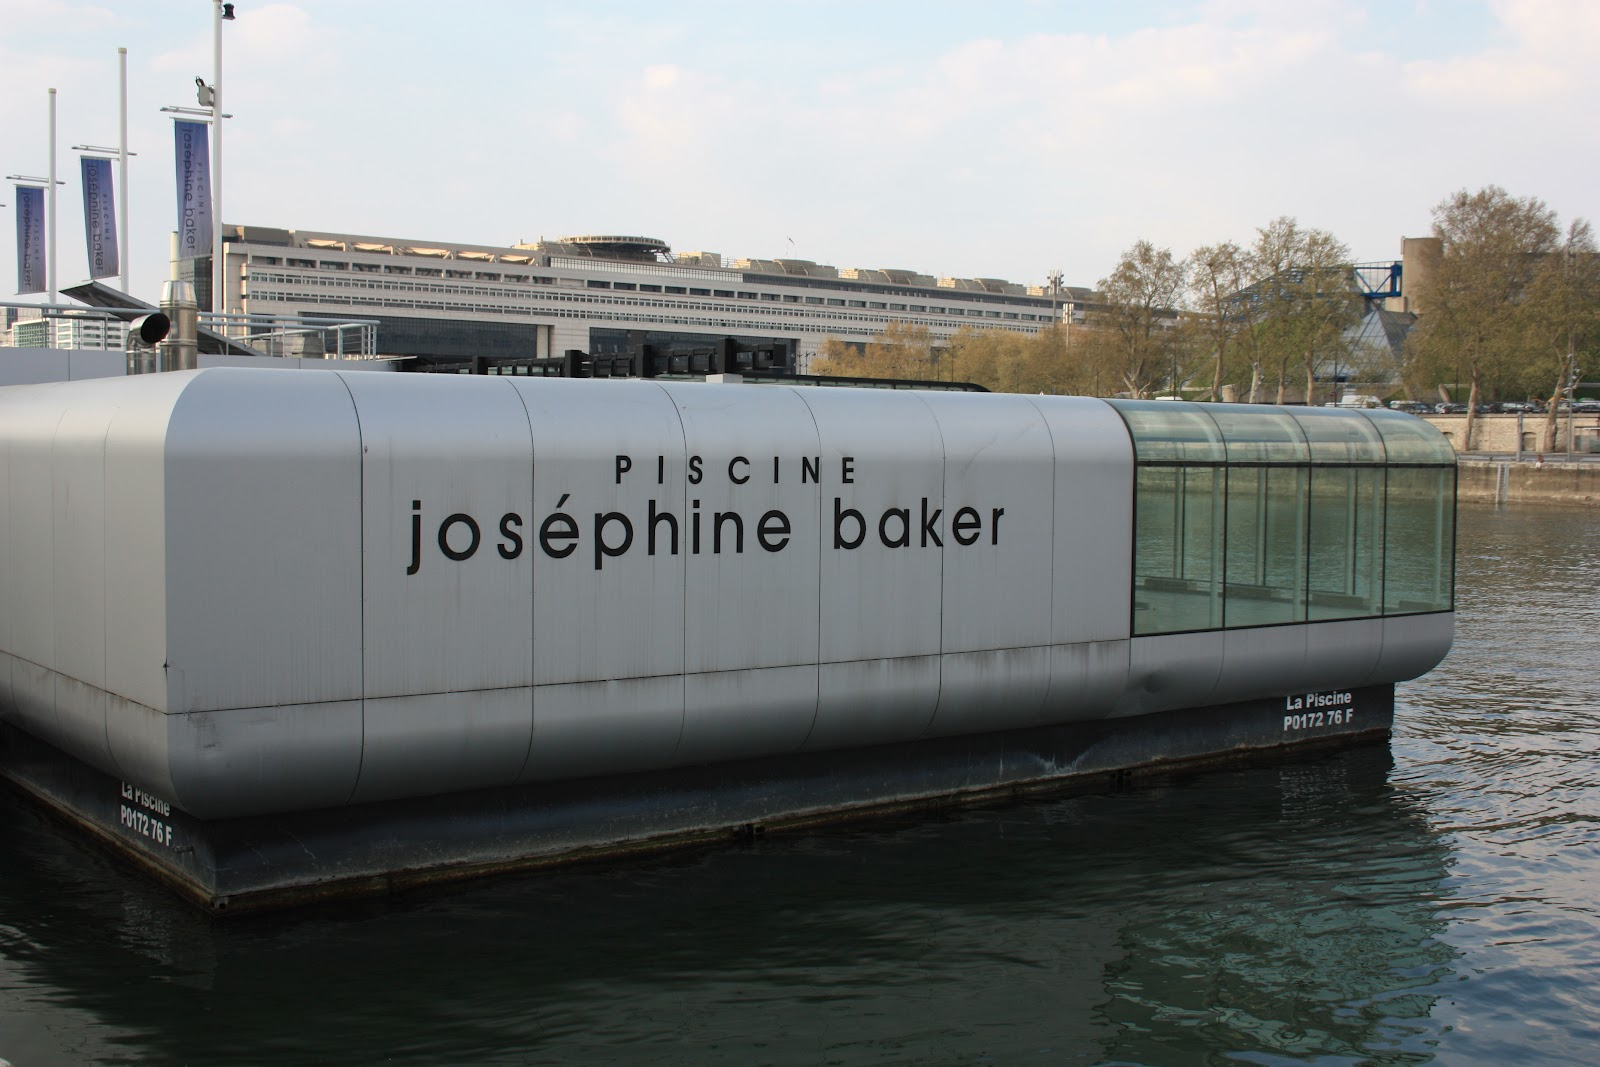 Vis le architecture urbanisme paysage patrimoine vis le voyage la piscine josephine for Piscine josephine baker